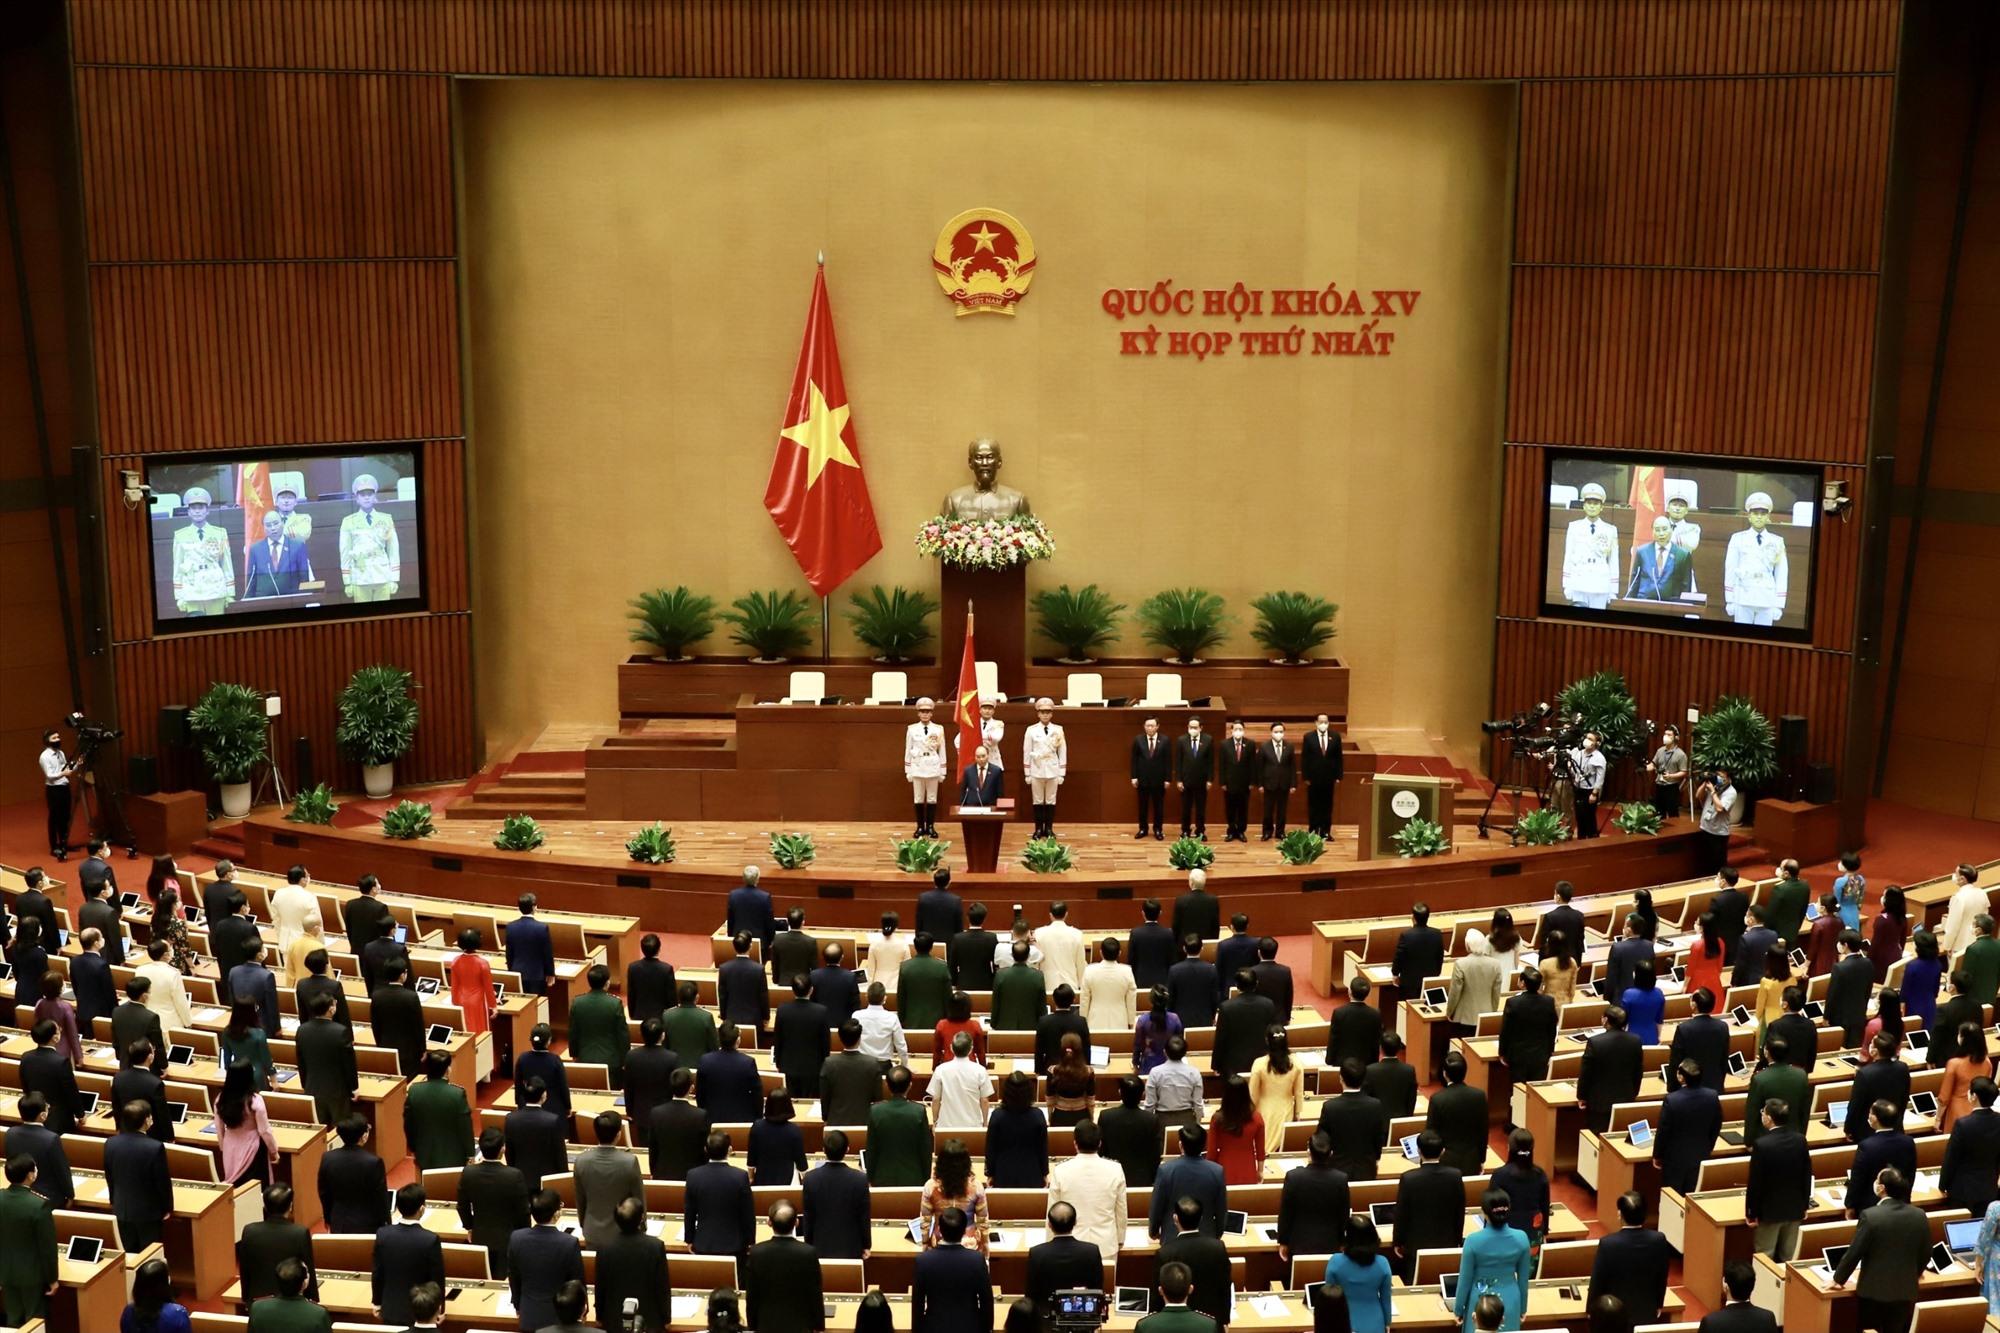 Chủ tịch nước Nguyễn Xuân Phúc tuyên thệ trước Quốc hội và cử tri. Ảnh: VGP/Nhật Bắc